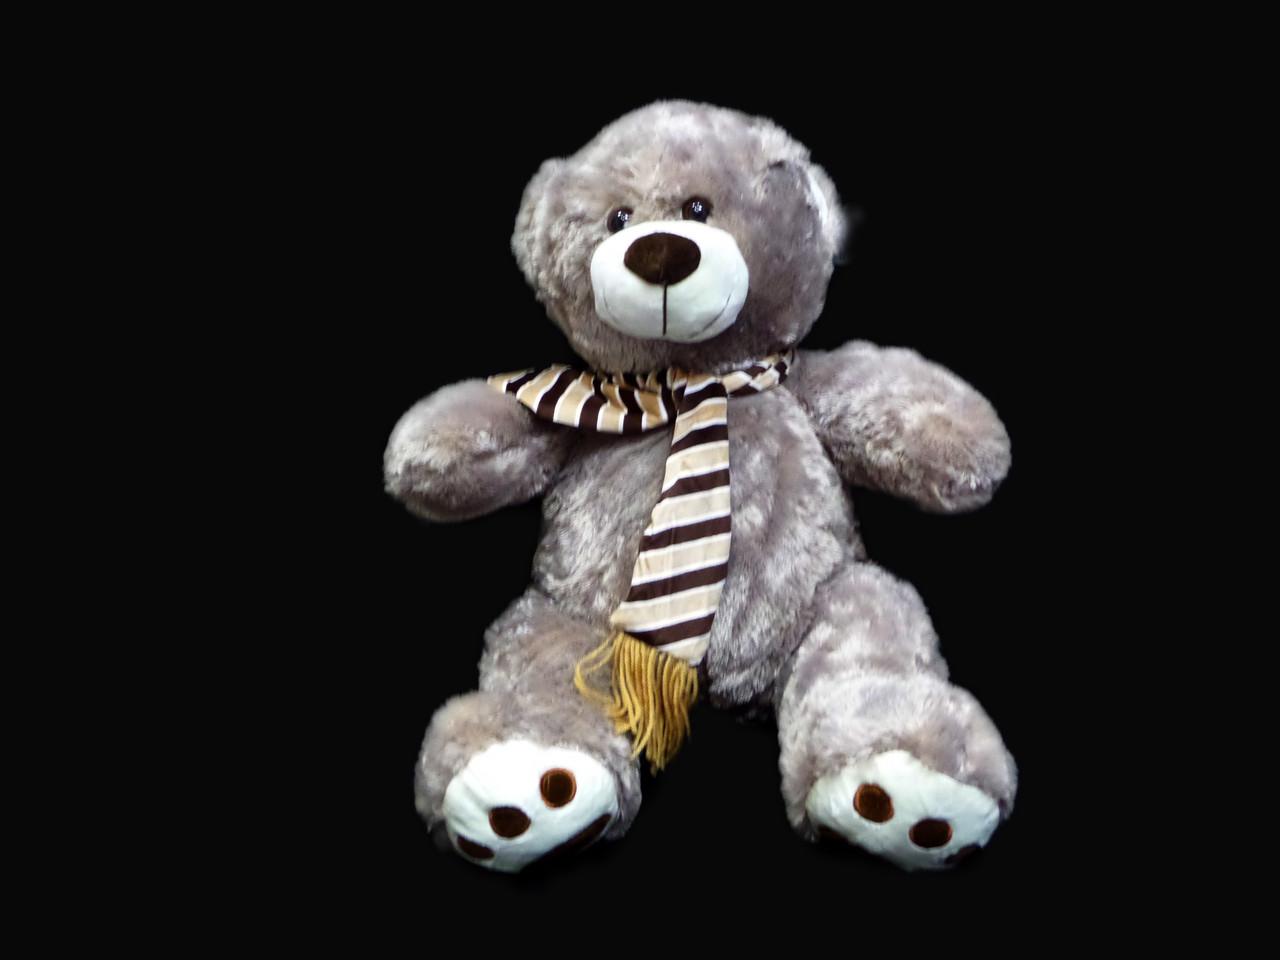 Подарок мягкая игрушка Мишка 38 см плюшевый Медведь отличный сюрприз на любой праздник